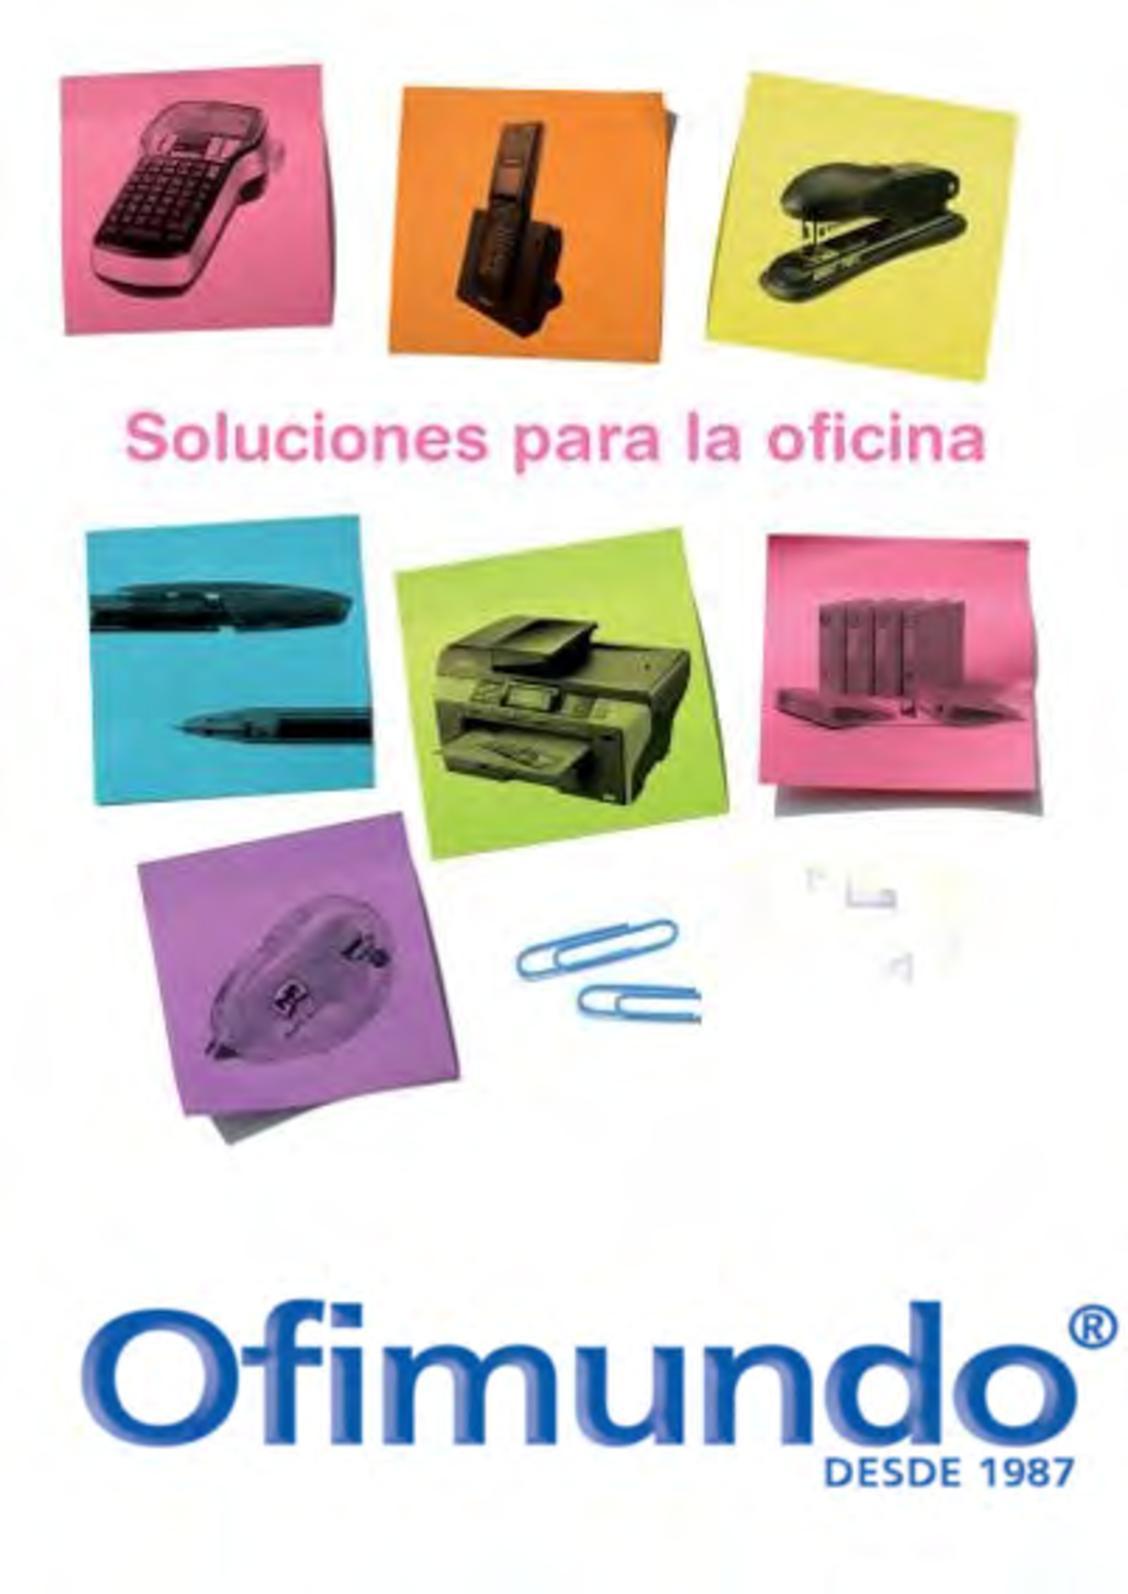 194e0aef6eb7 Calaméo - Ofimundo Catálogo General